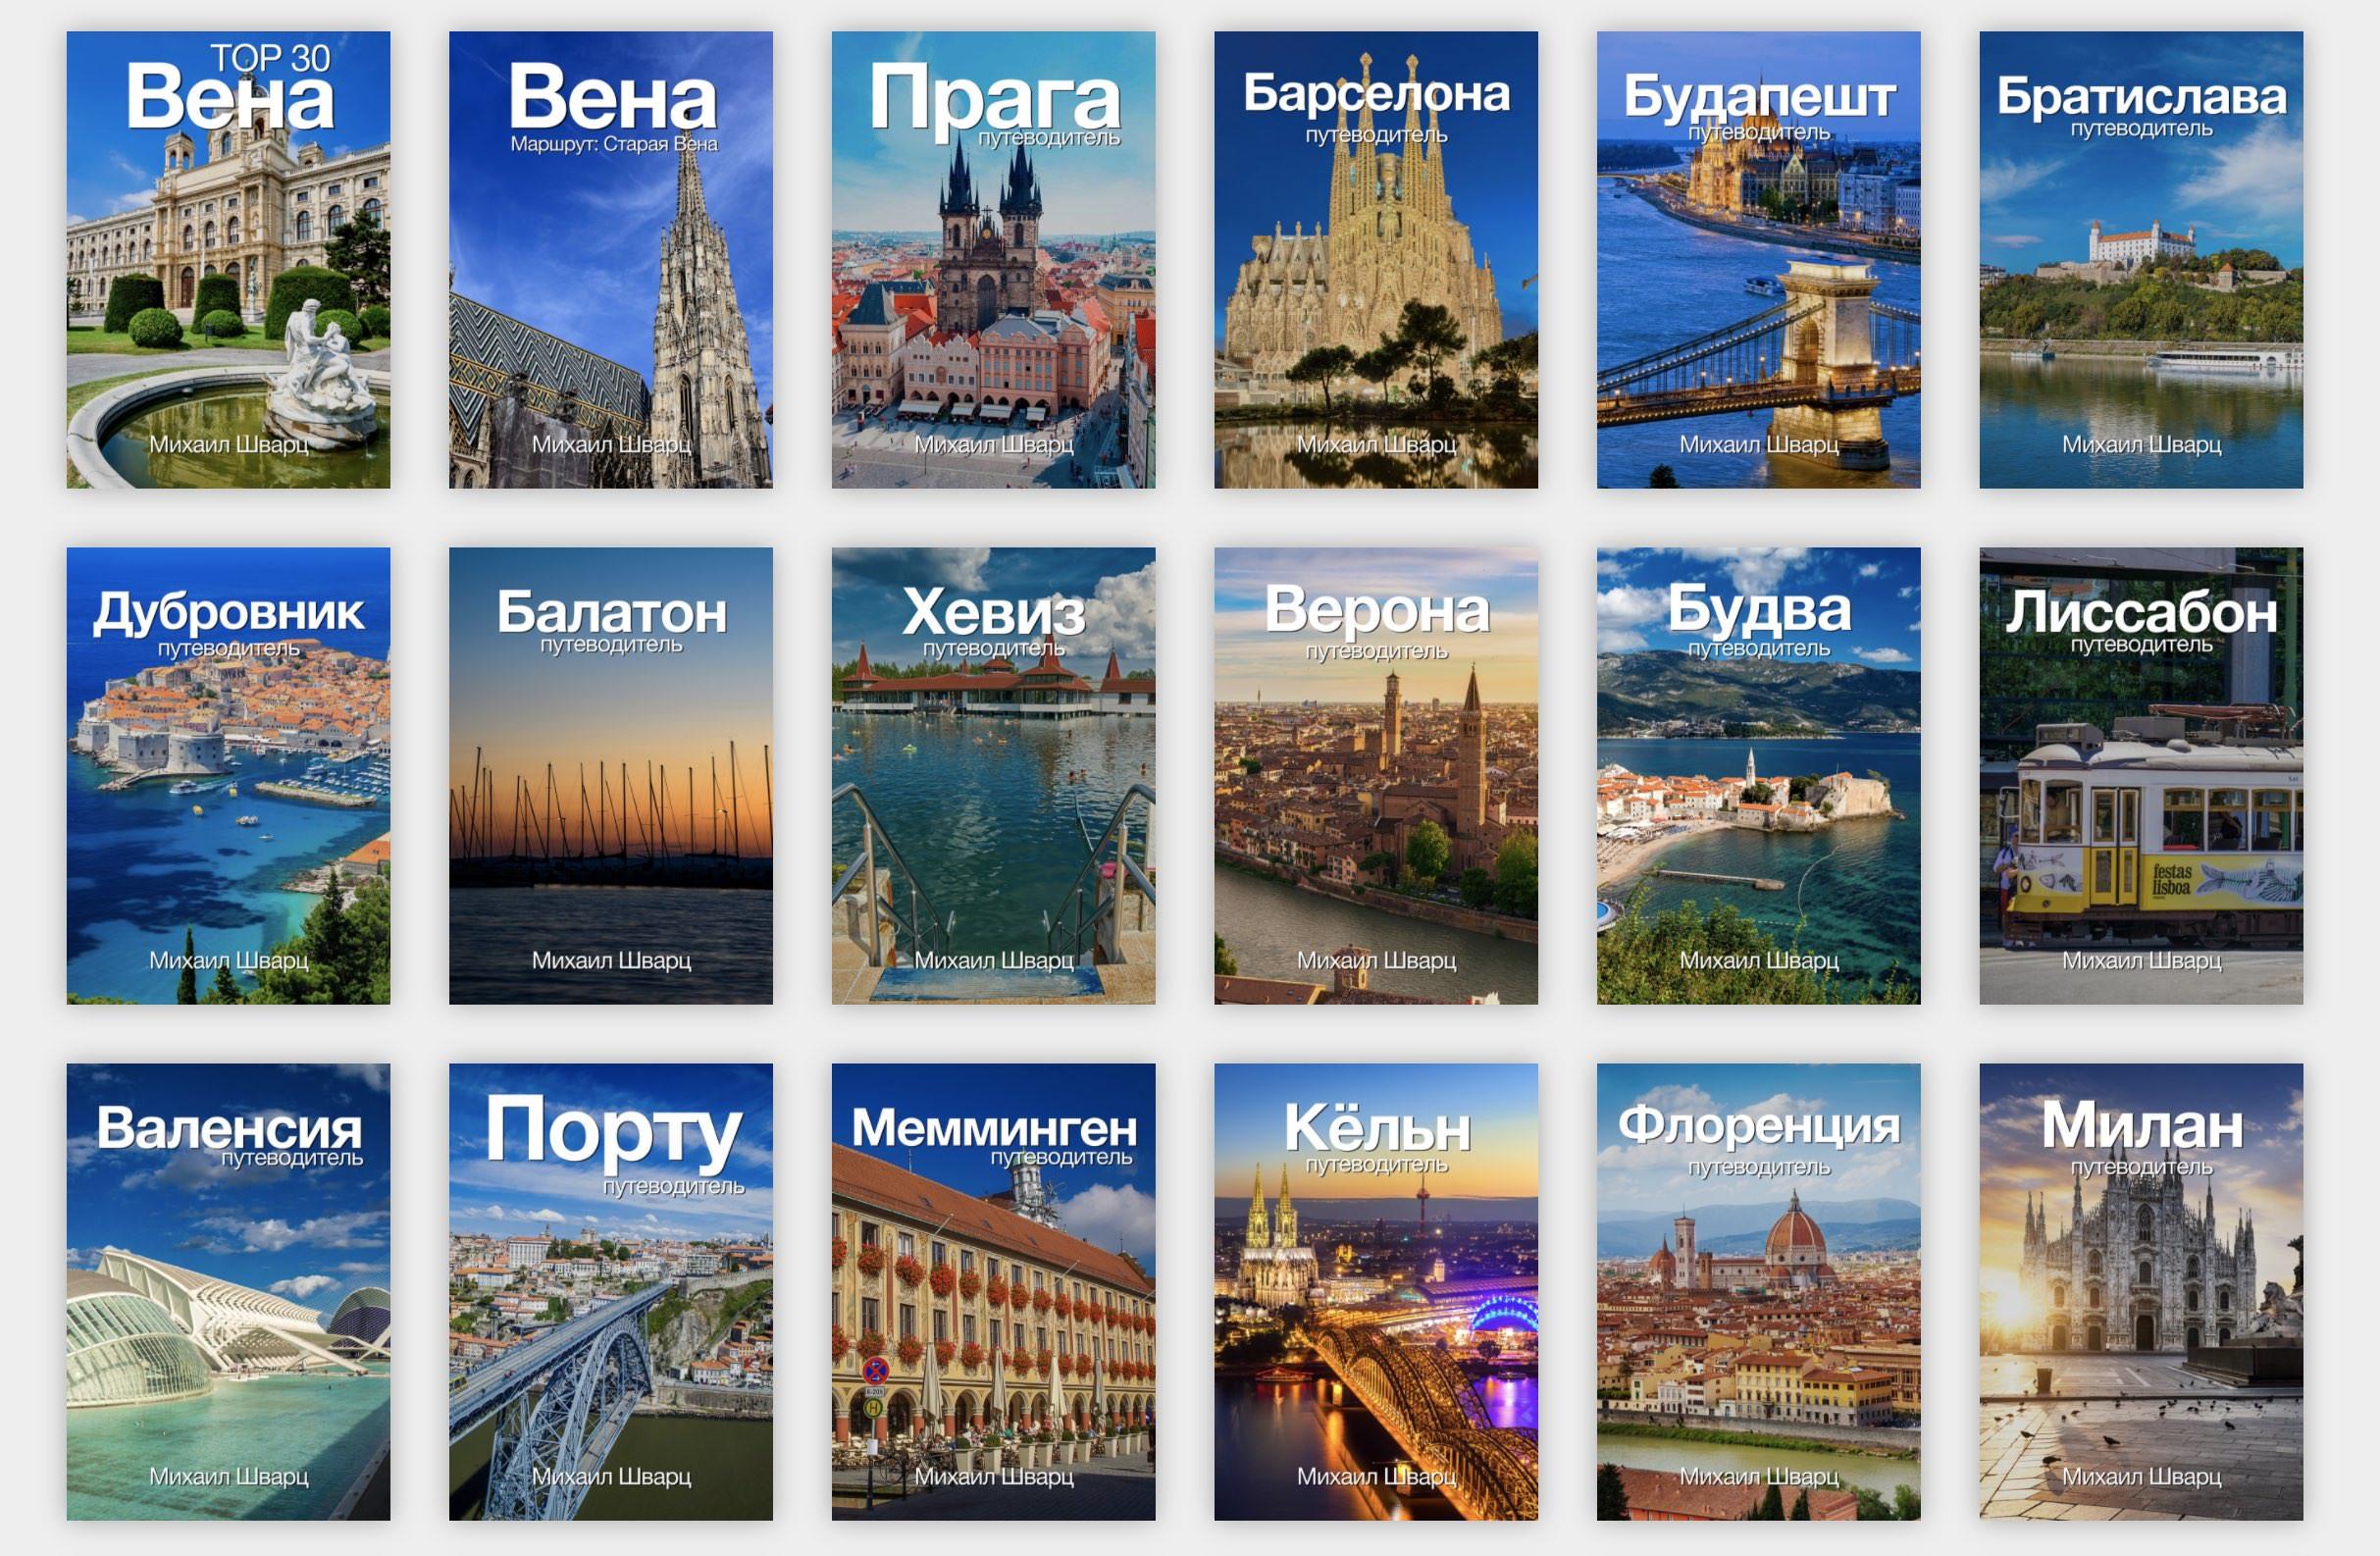 a434dddb 84e1 4857 ae49 fafa9756b773 [ЭКСКЛЮЗИВ] 31 PDF Путеводитель по разным городам Европы!